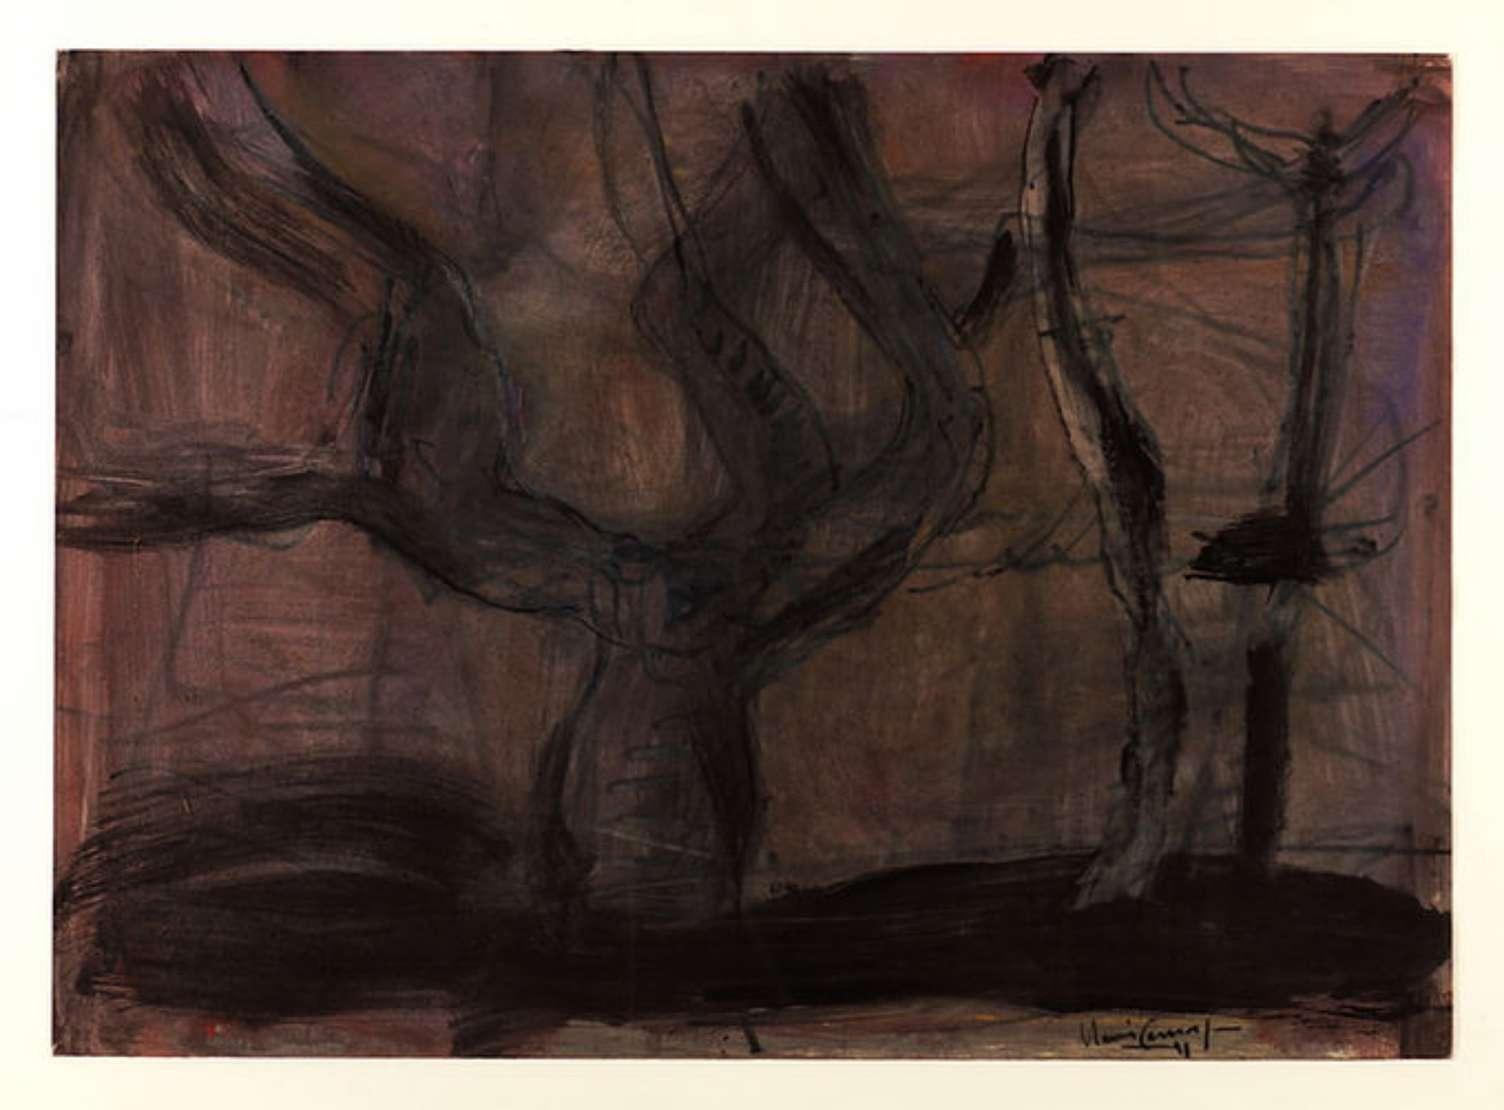 Iberê Camargo (1914-1994),  Árvore dos Pampas, 1971 - Técnica mista <br>Ass. Inf. direito<br>Catalogado pela Fundação Iberê Camargo<br>